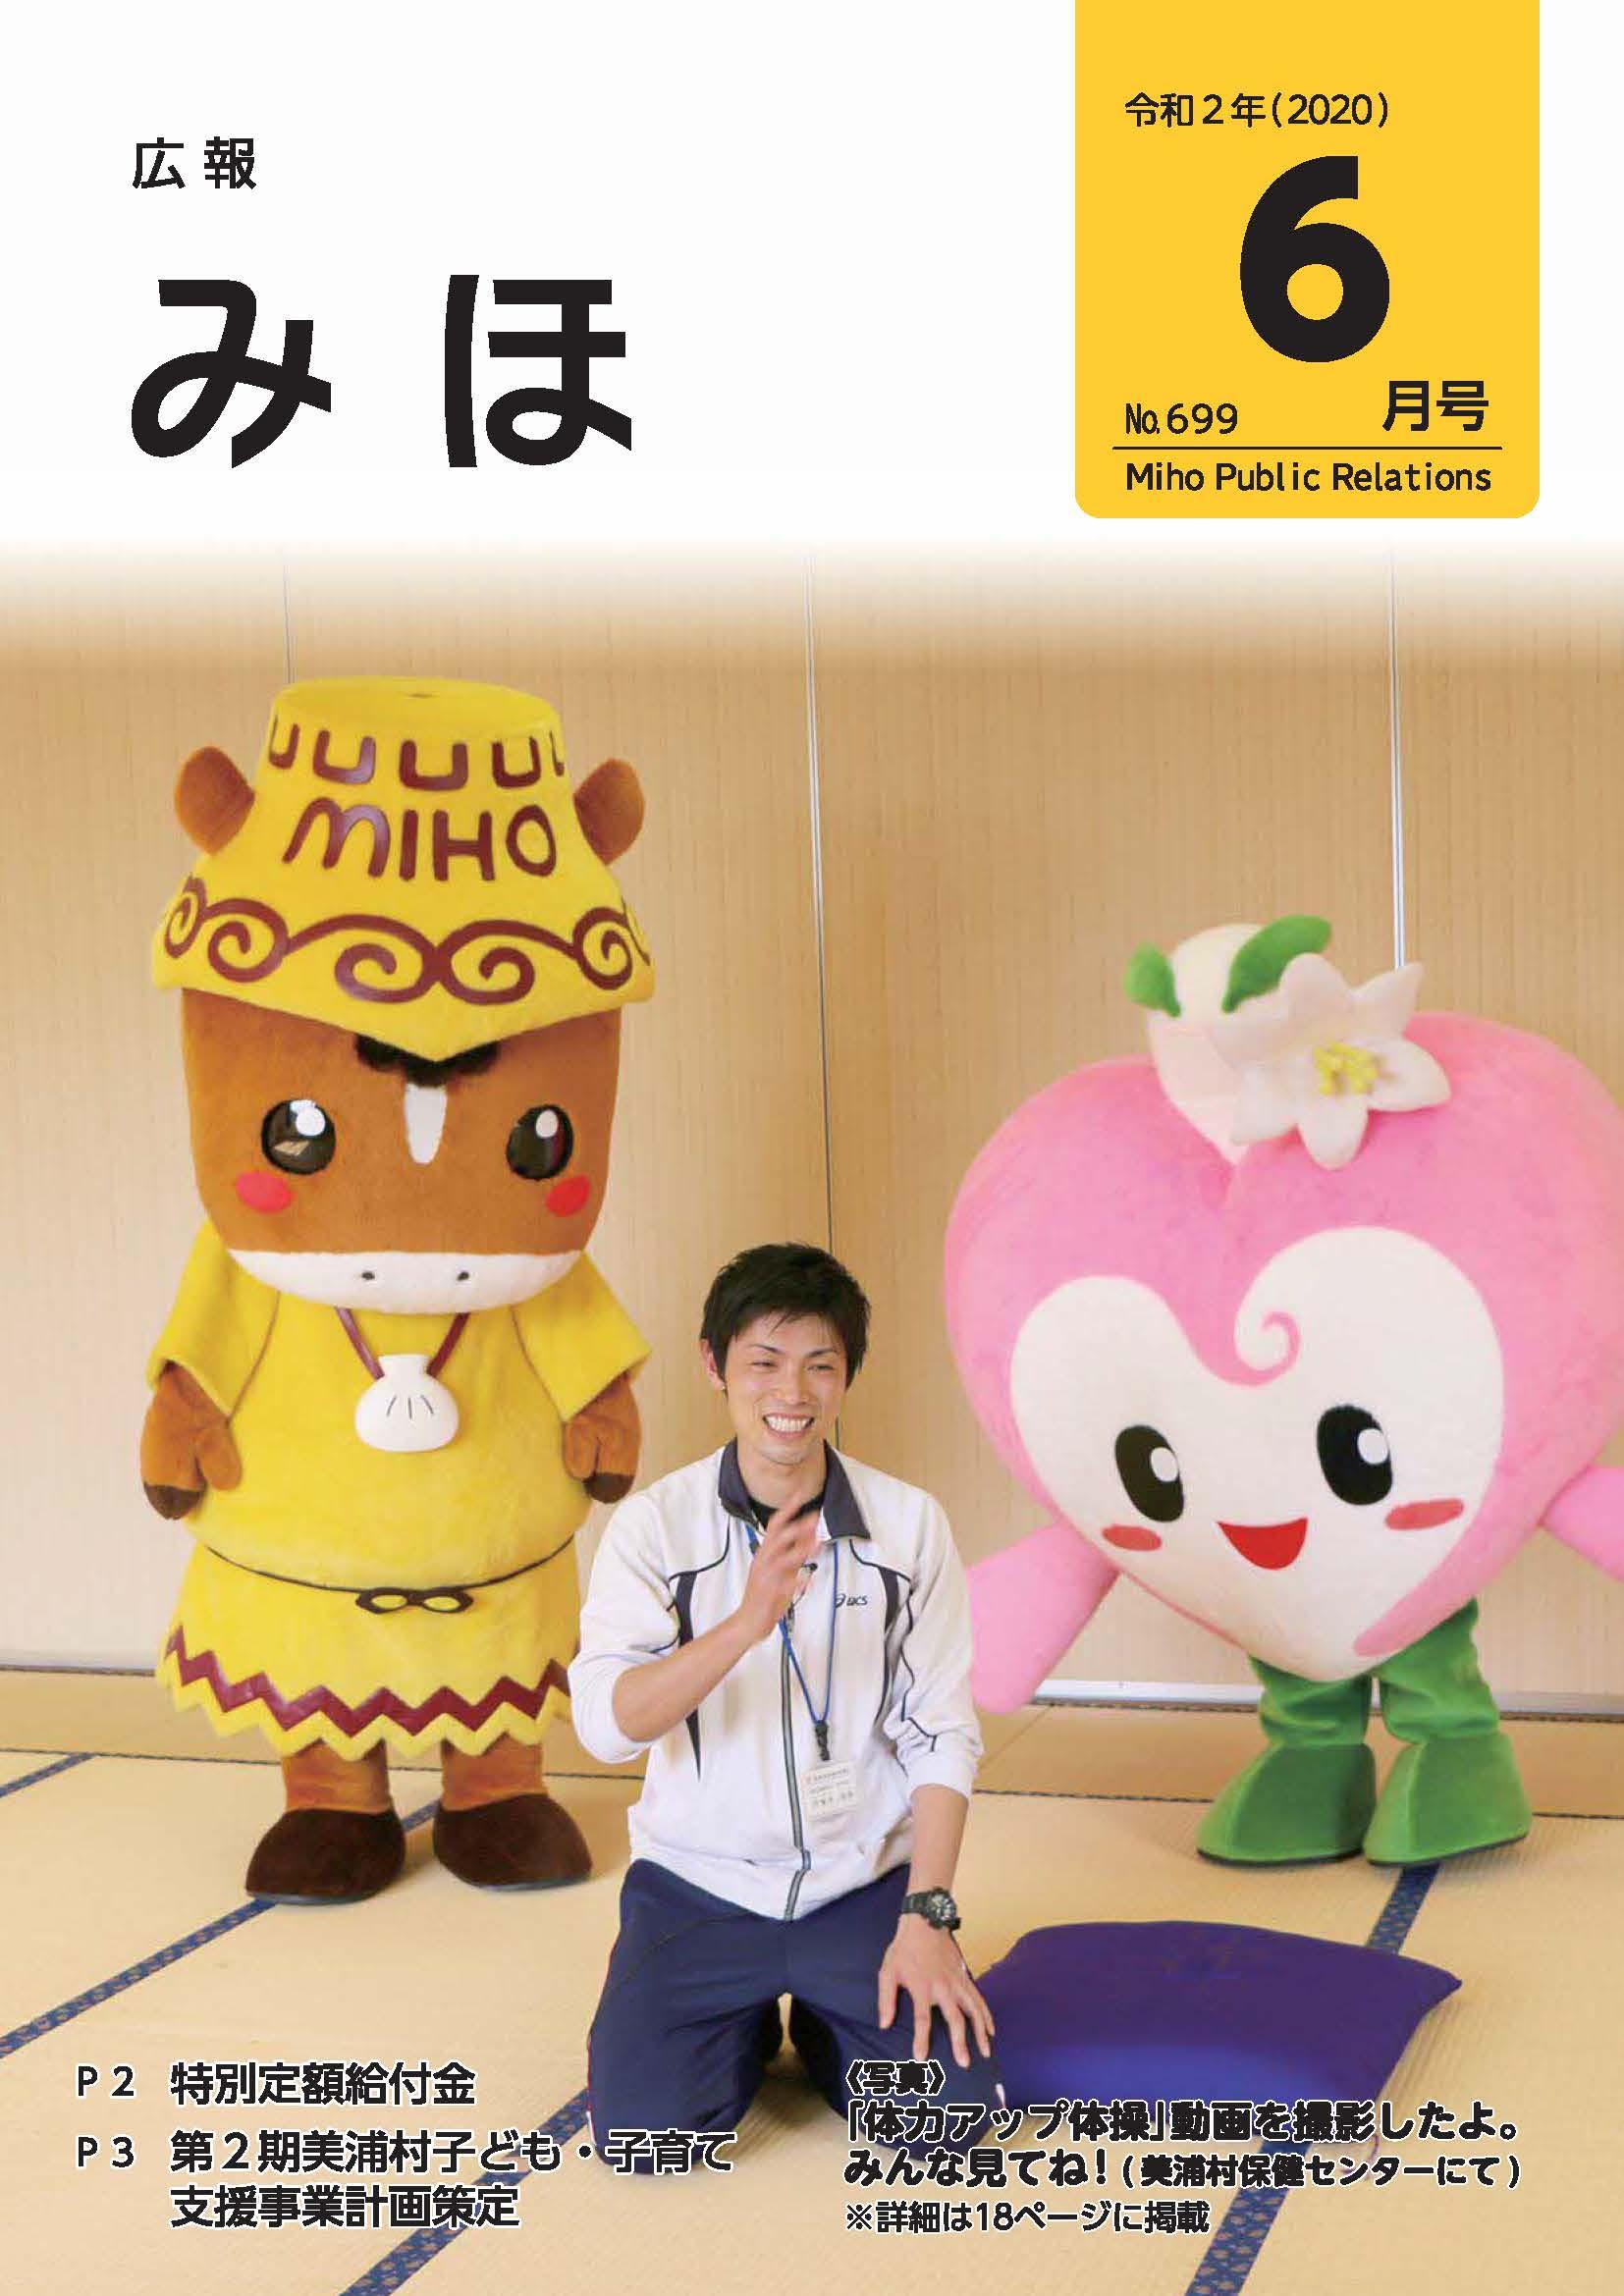 『『『広報みほ6月号表紙』の画像』の画像』の画像